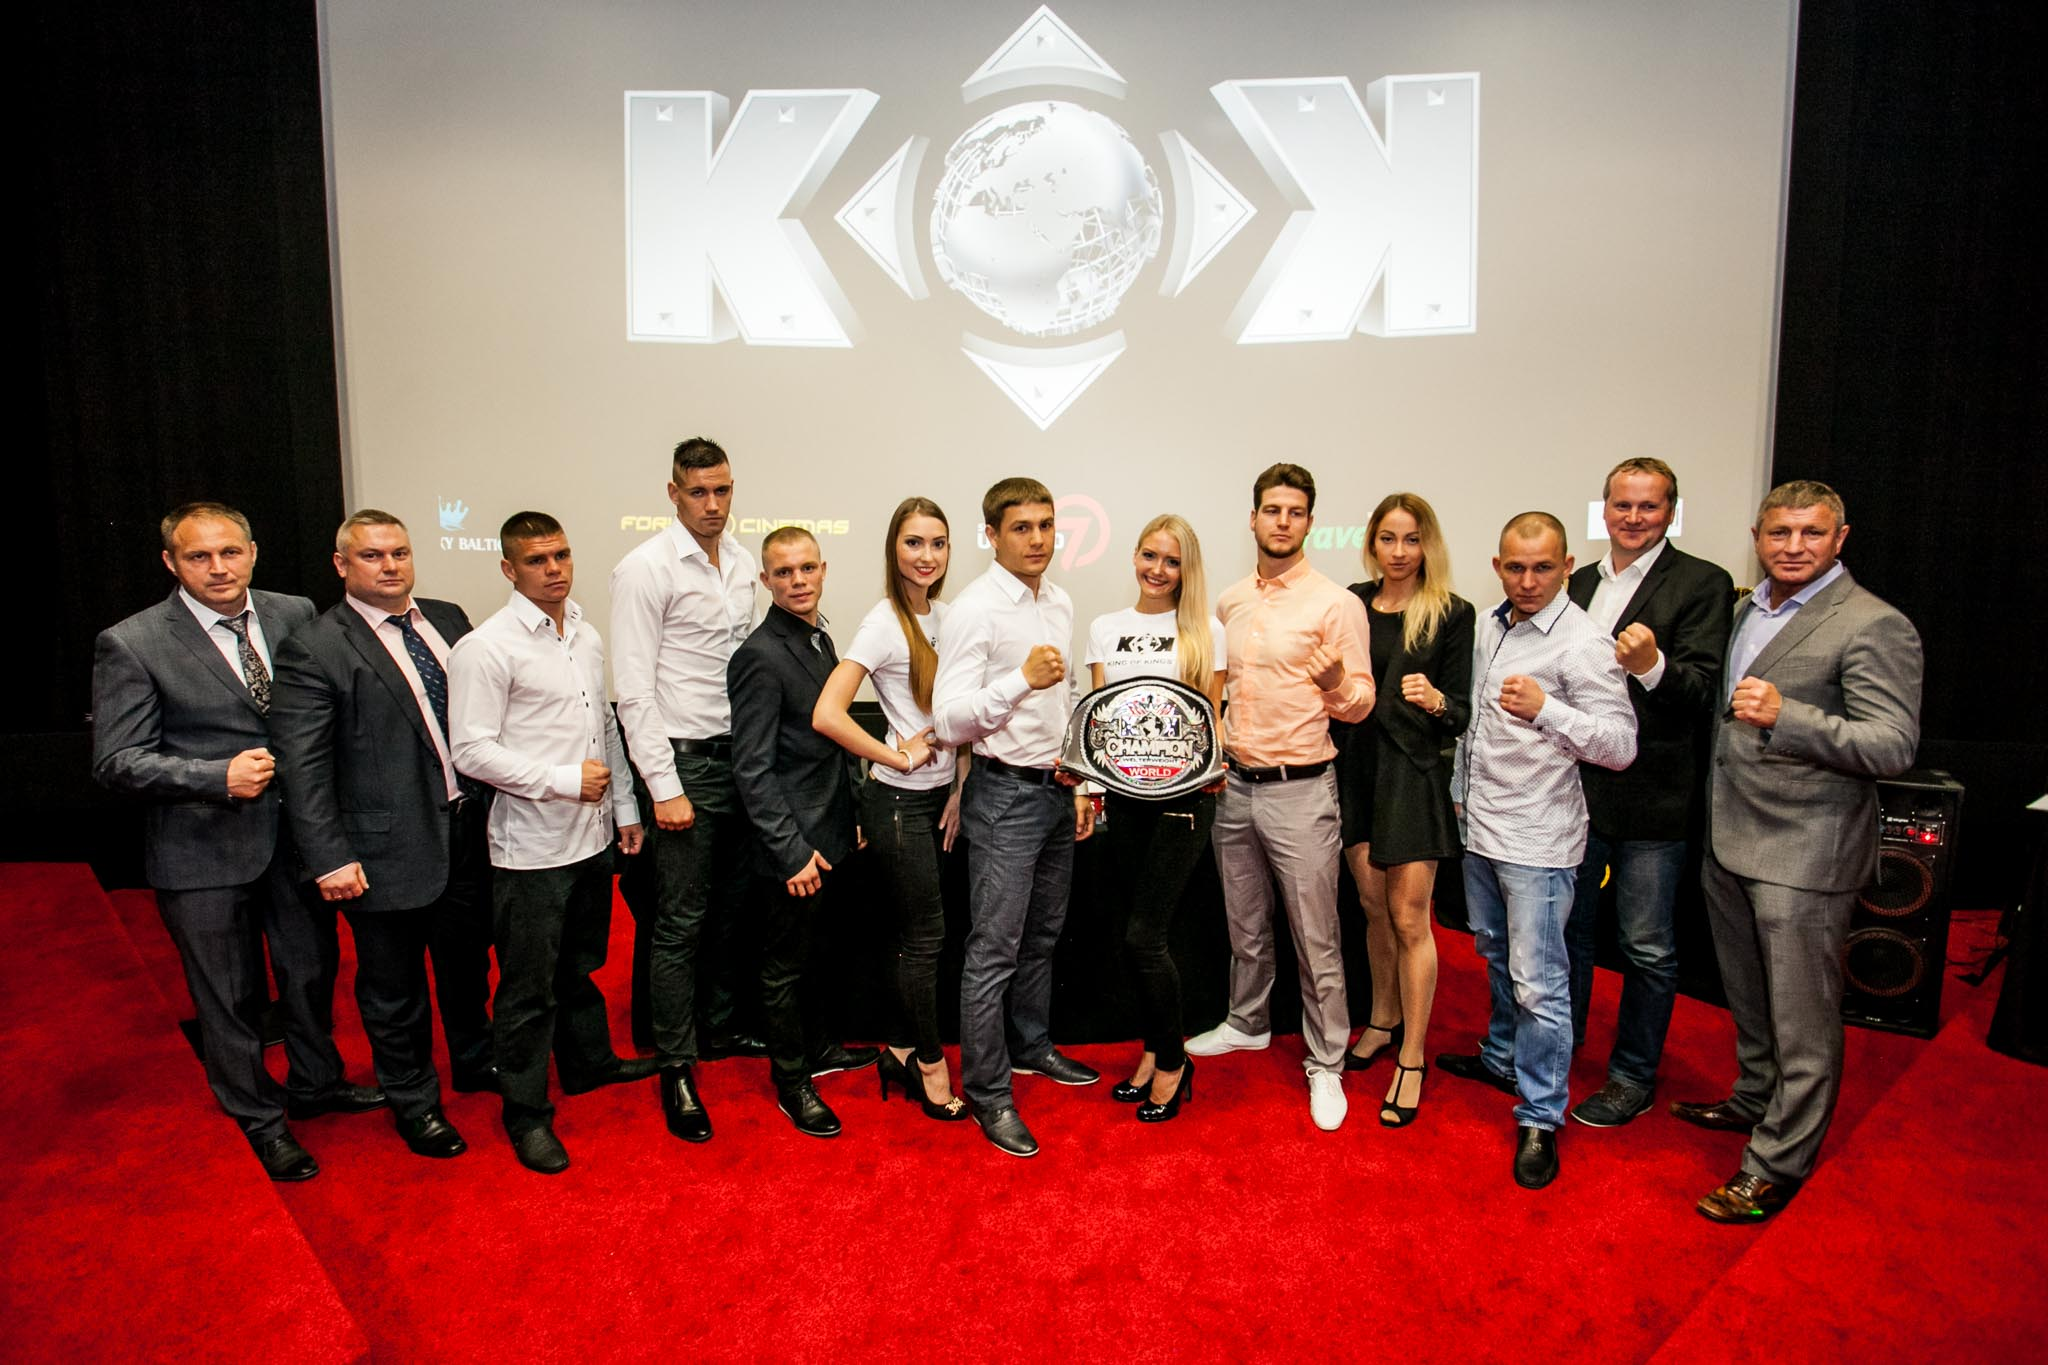 FOTOD! Täna esitleti King of Kings pressikonverentsil Eesti sportlasi